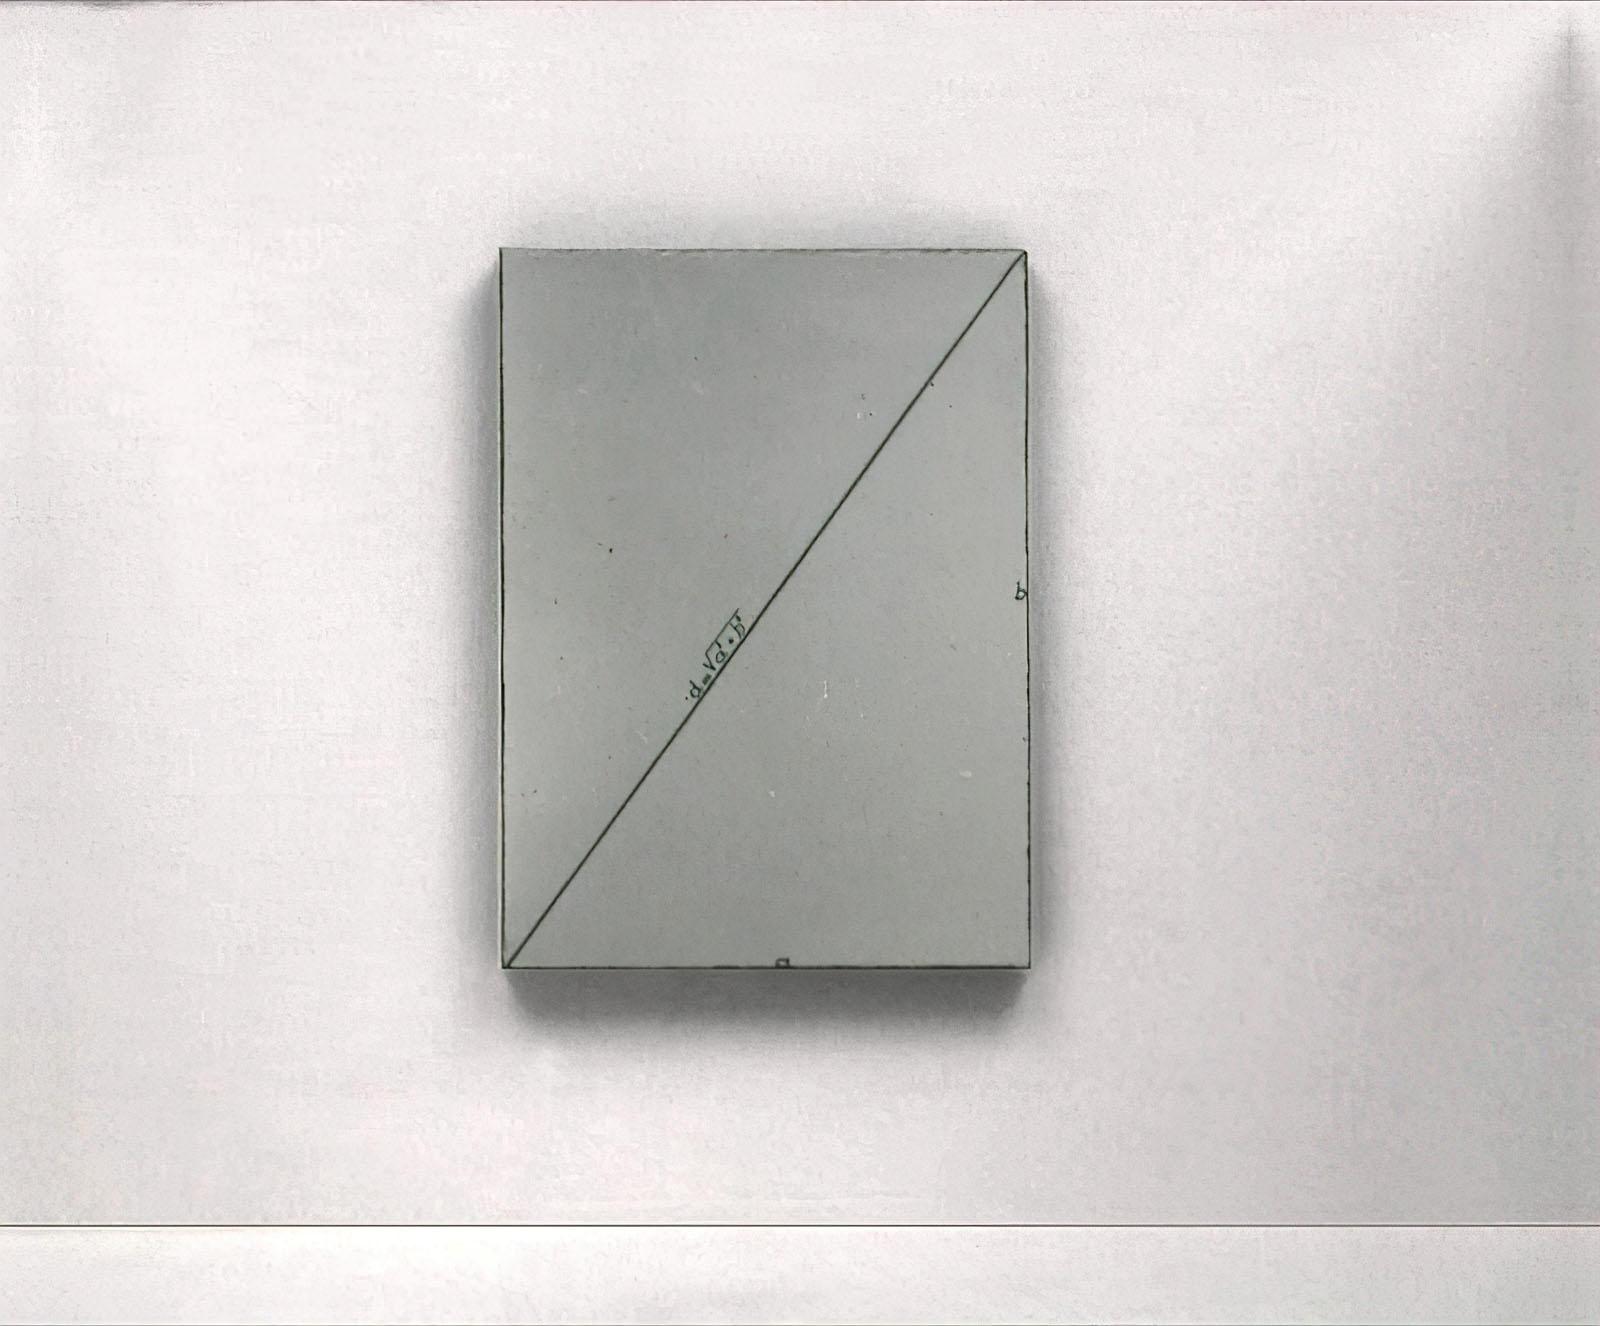 Bernar Venet - Calcul de la Diagonale d'un Rectangle